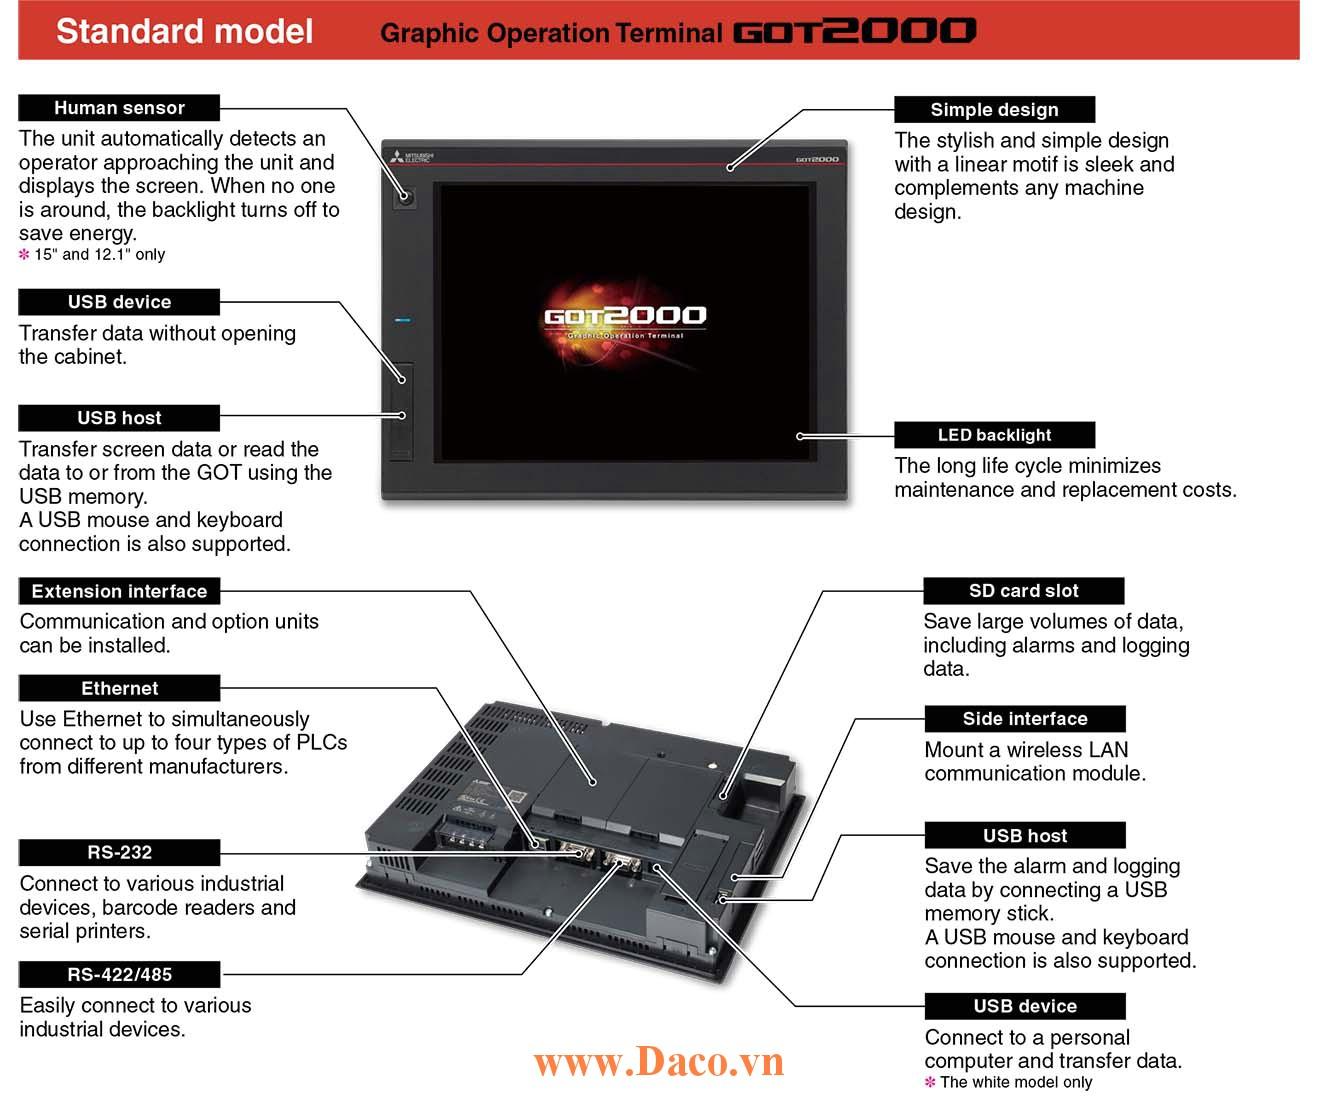 Màn hình cảm ứng Mitsubishi GT2715 HMI 15 Inch-Cấu hình